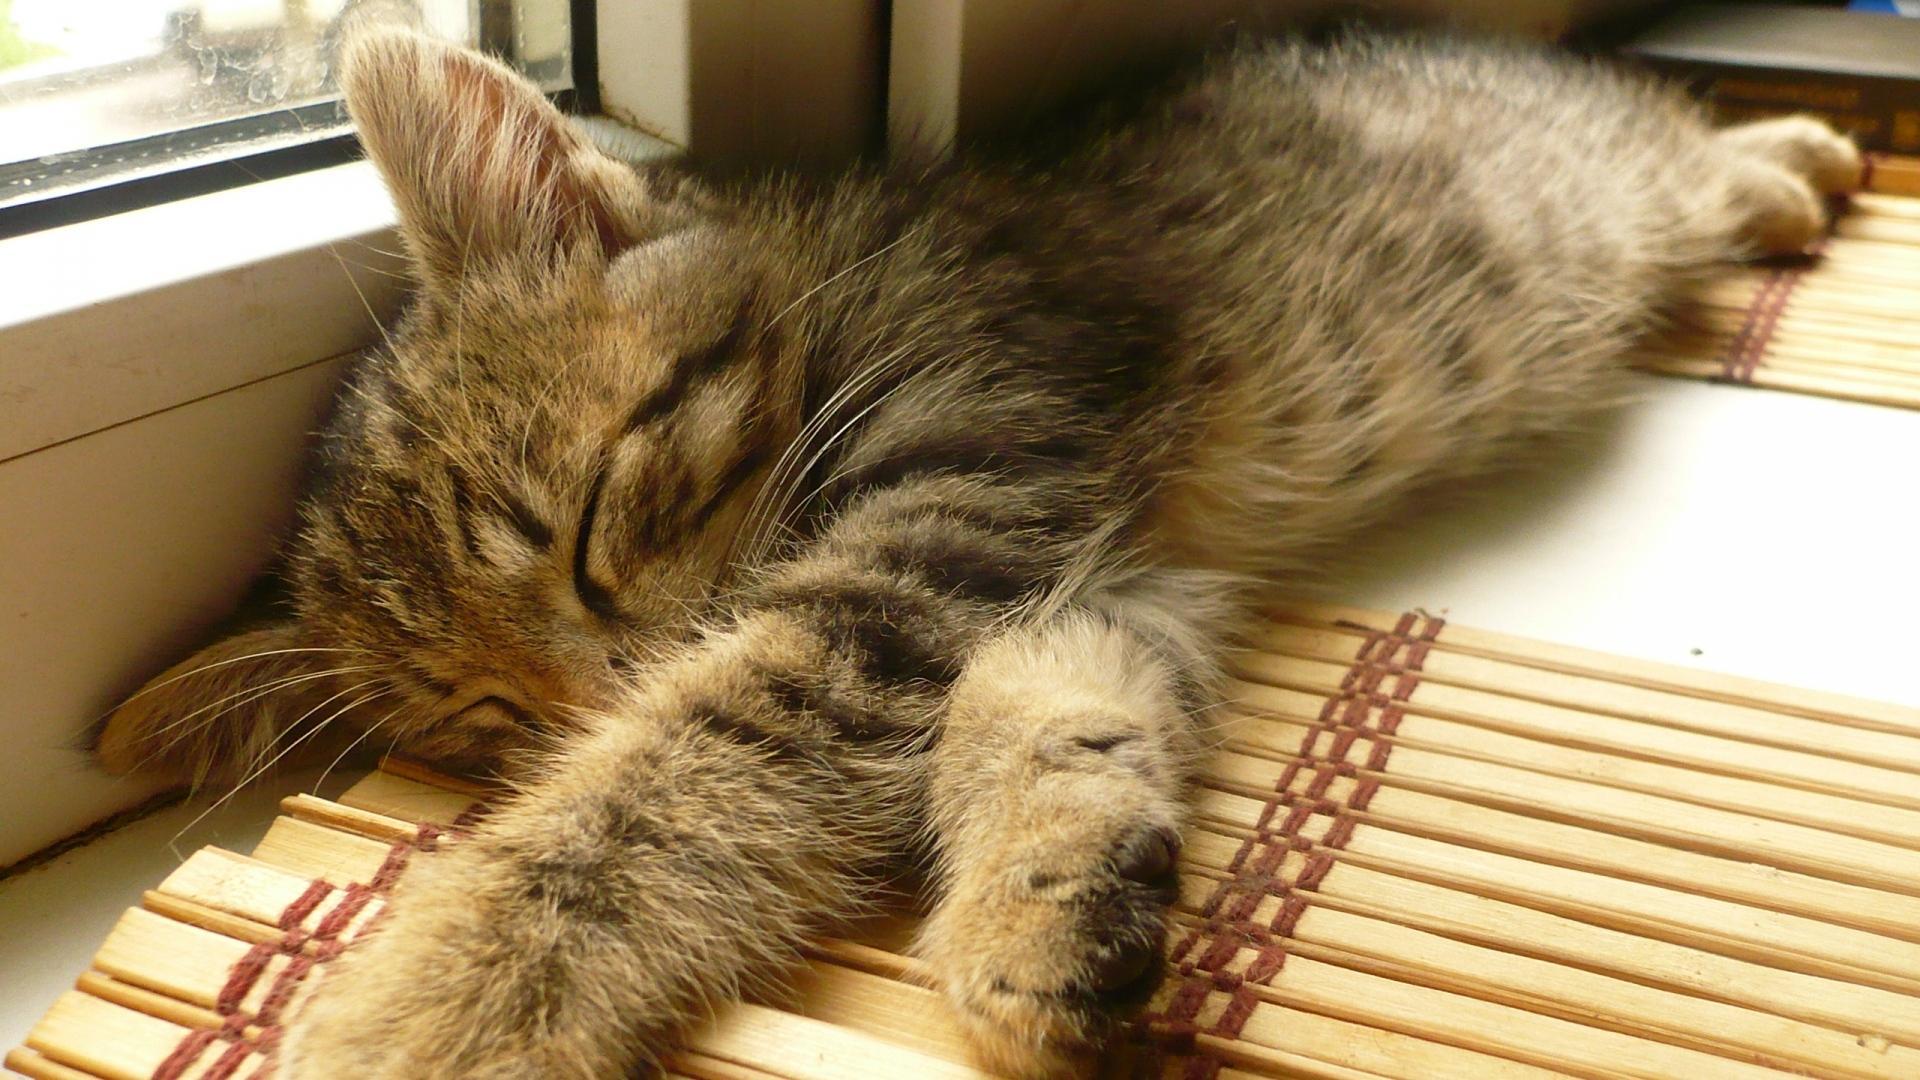 Дневной сон снижает риск сердечно-сосудистых заболеваний